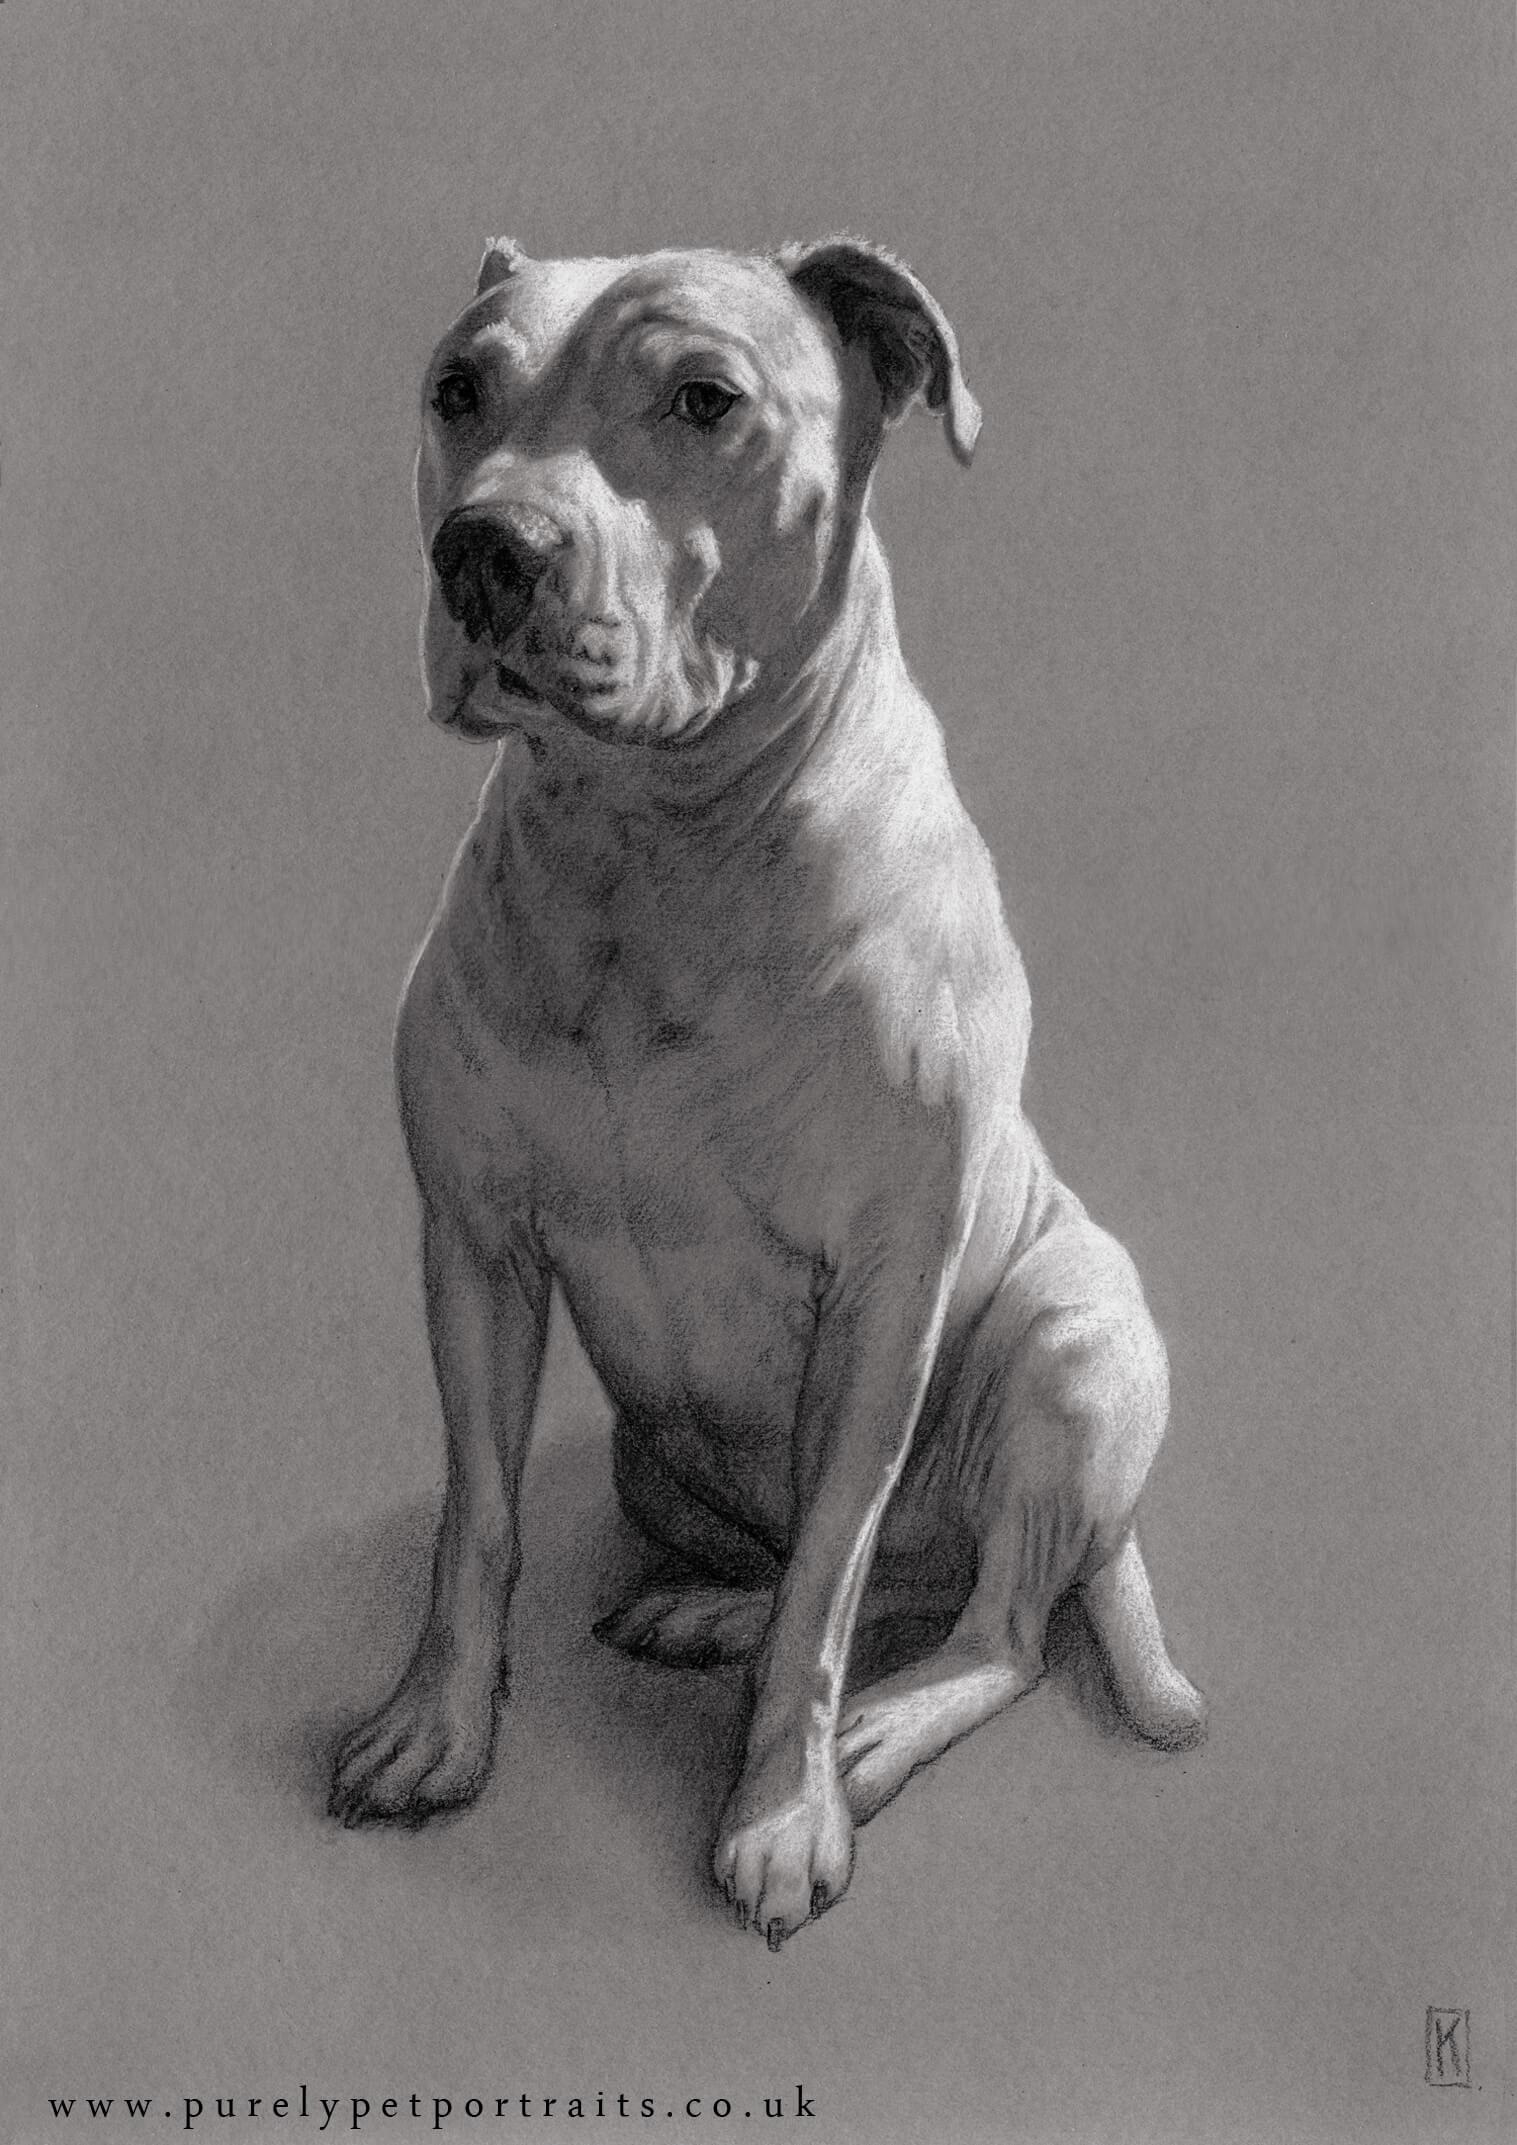 Portrait of Boycee by www.purelypetportraits.co.uk